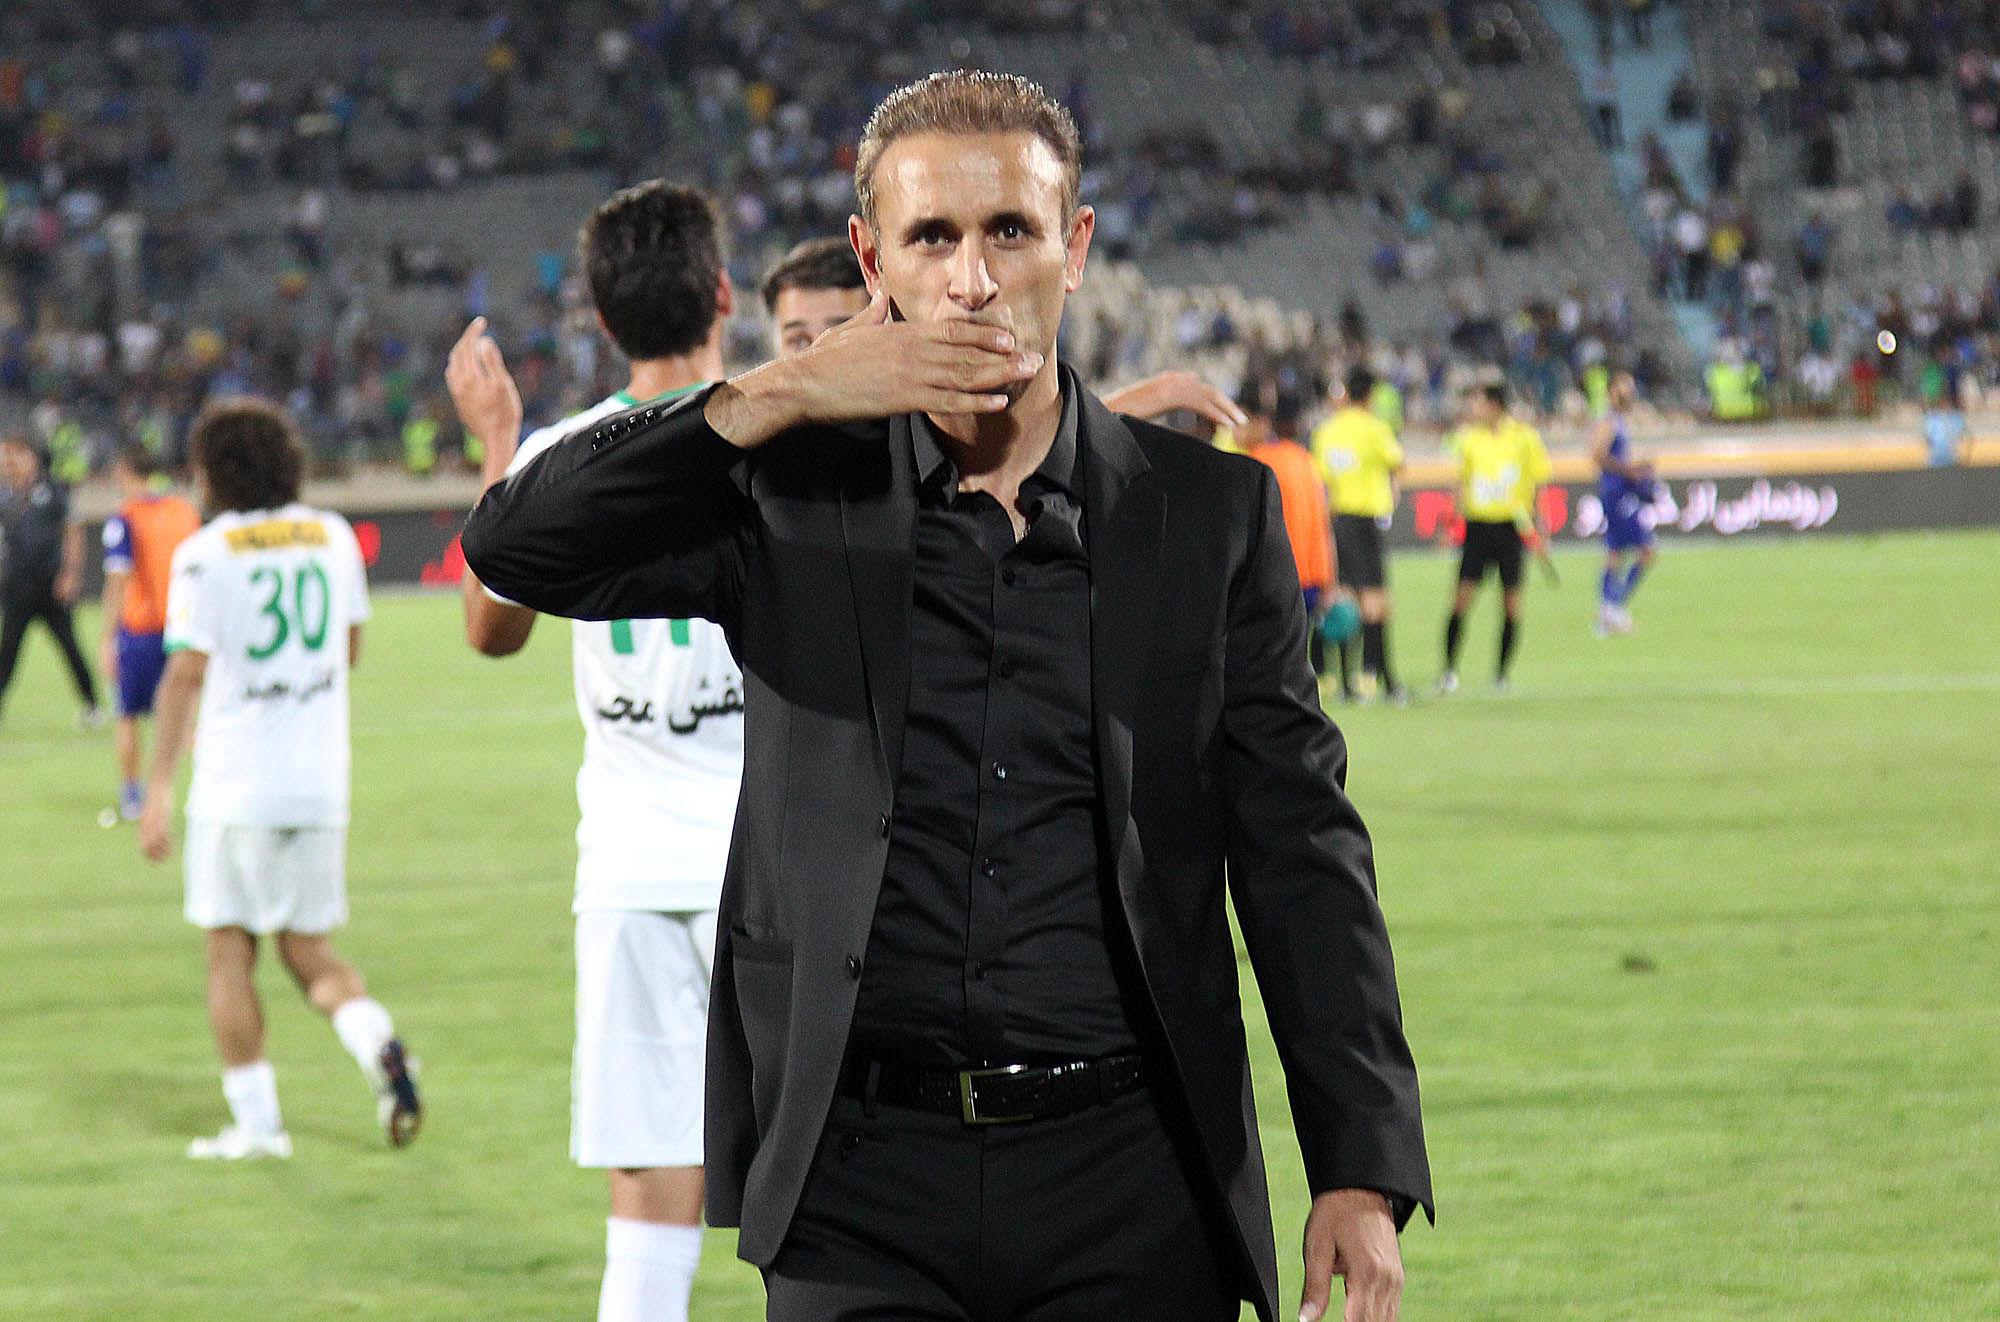 گل محمدی: بخاطر شرایط و تصمیمگیریهای AFC باید اینجا بازی کنیم